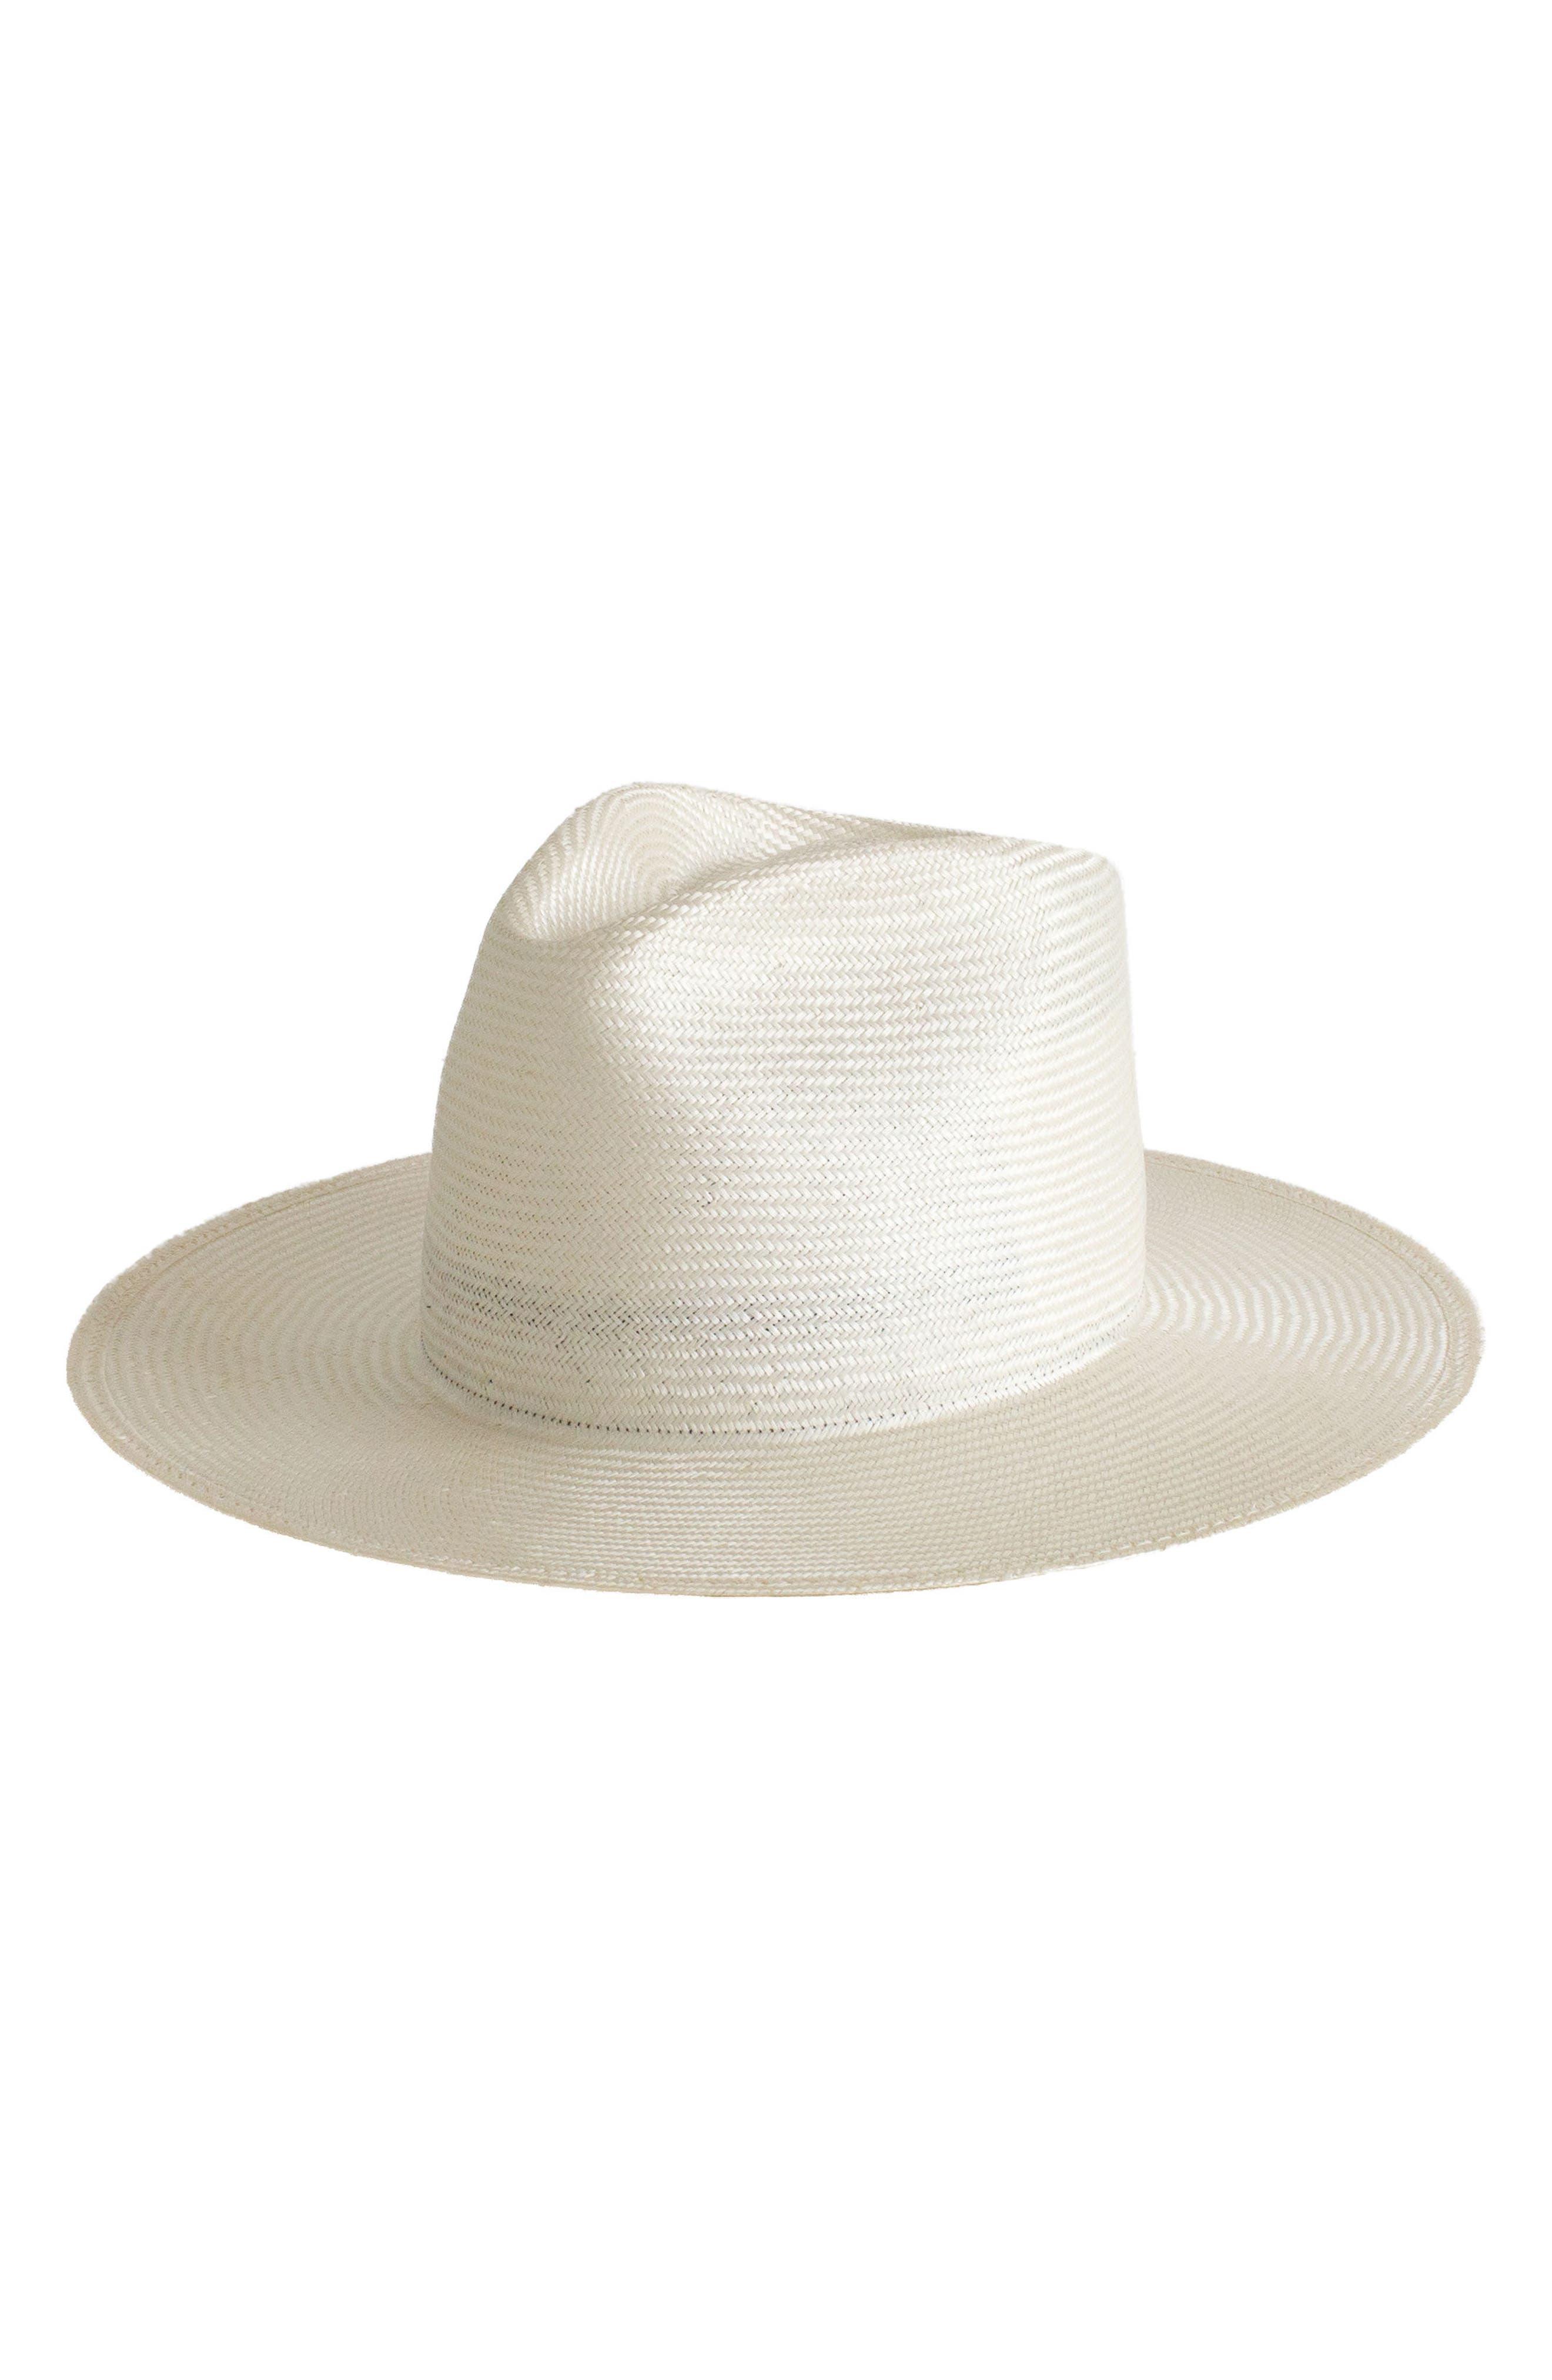 Janessa Leone Alexander Straw Hat